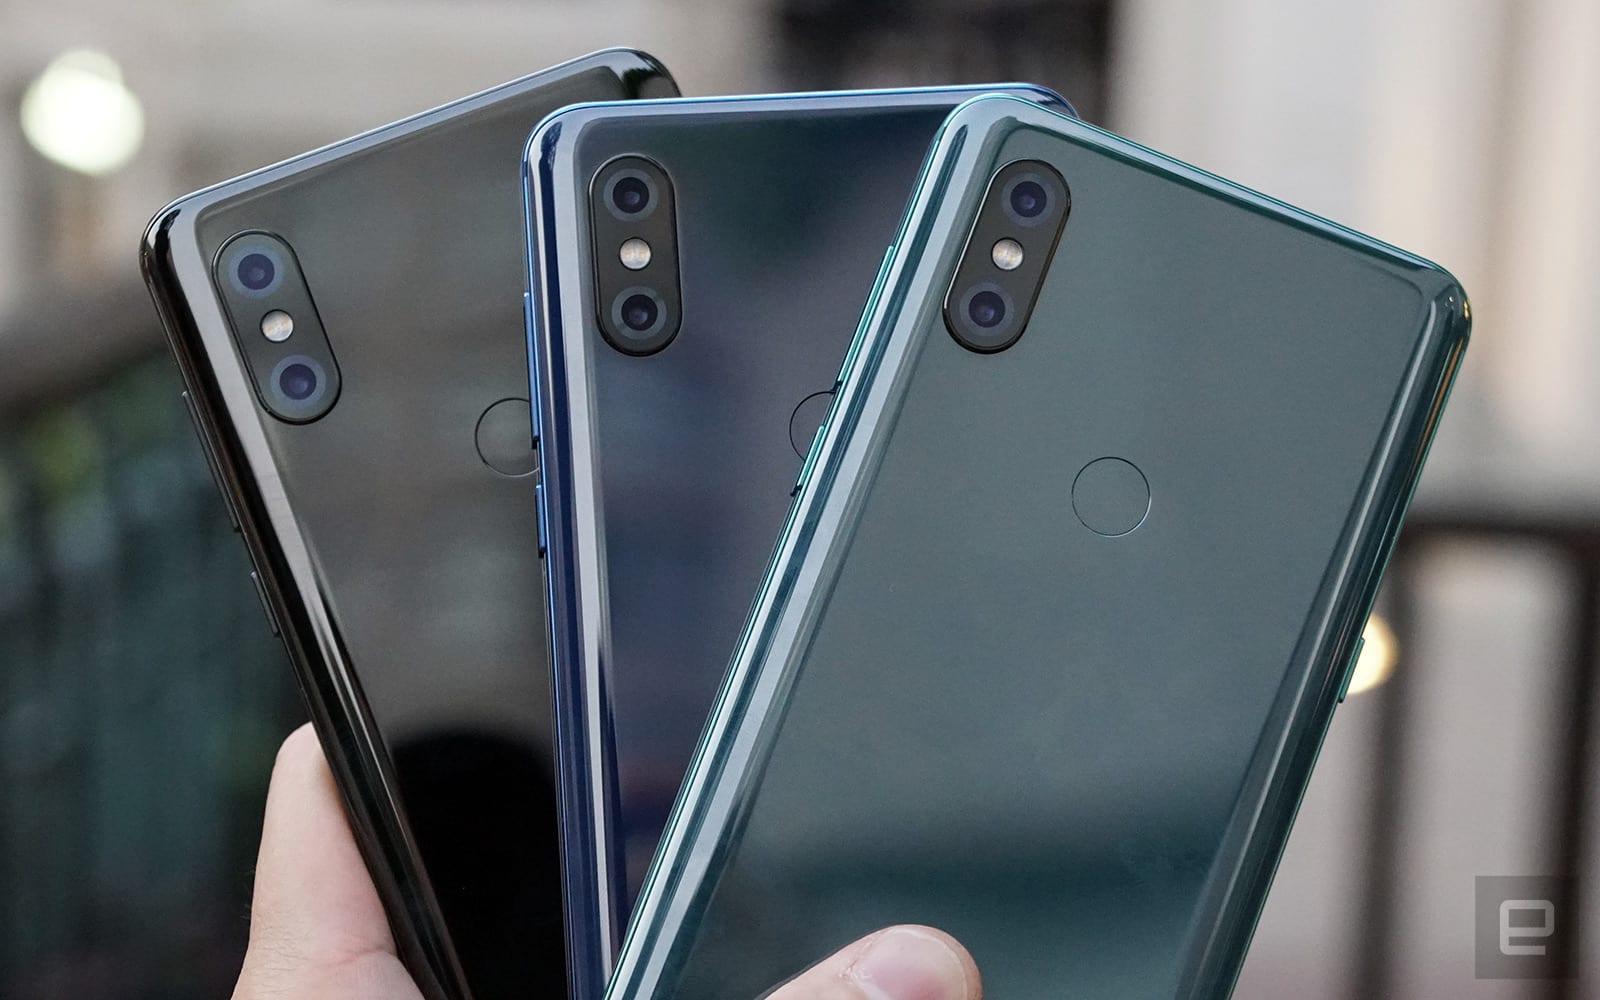 Xiaomi Mi Mix 3 colors